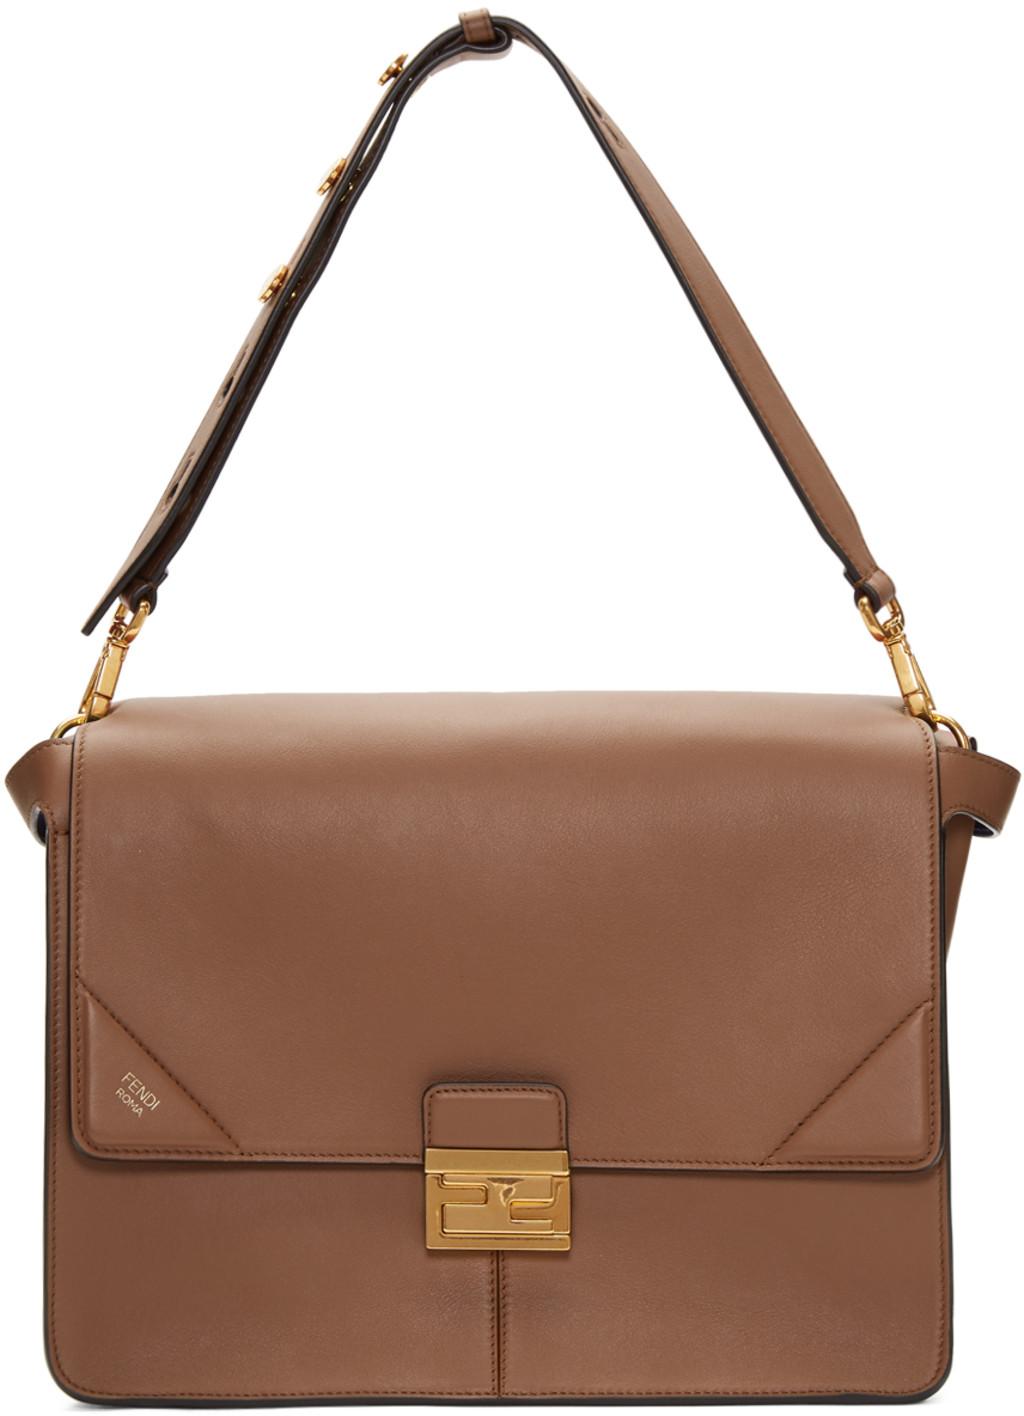 4f6d4094 Tan Large Kan U Bag